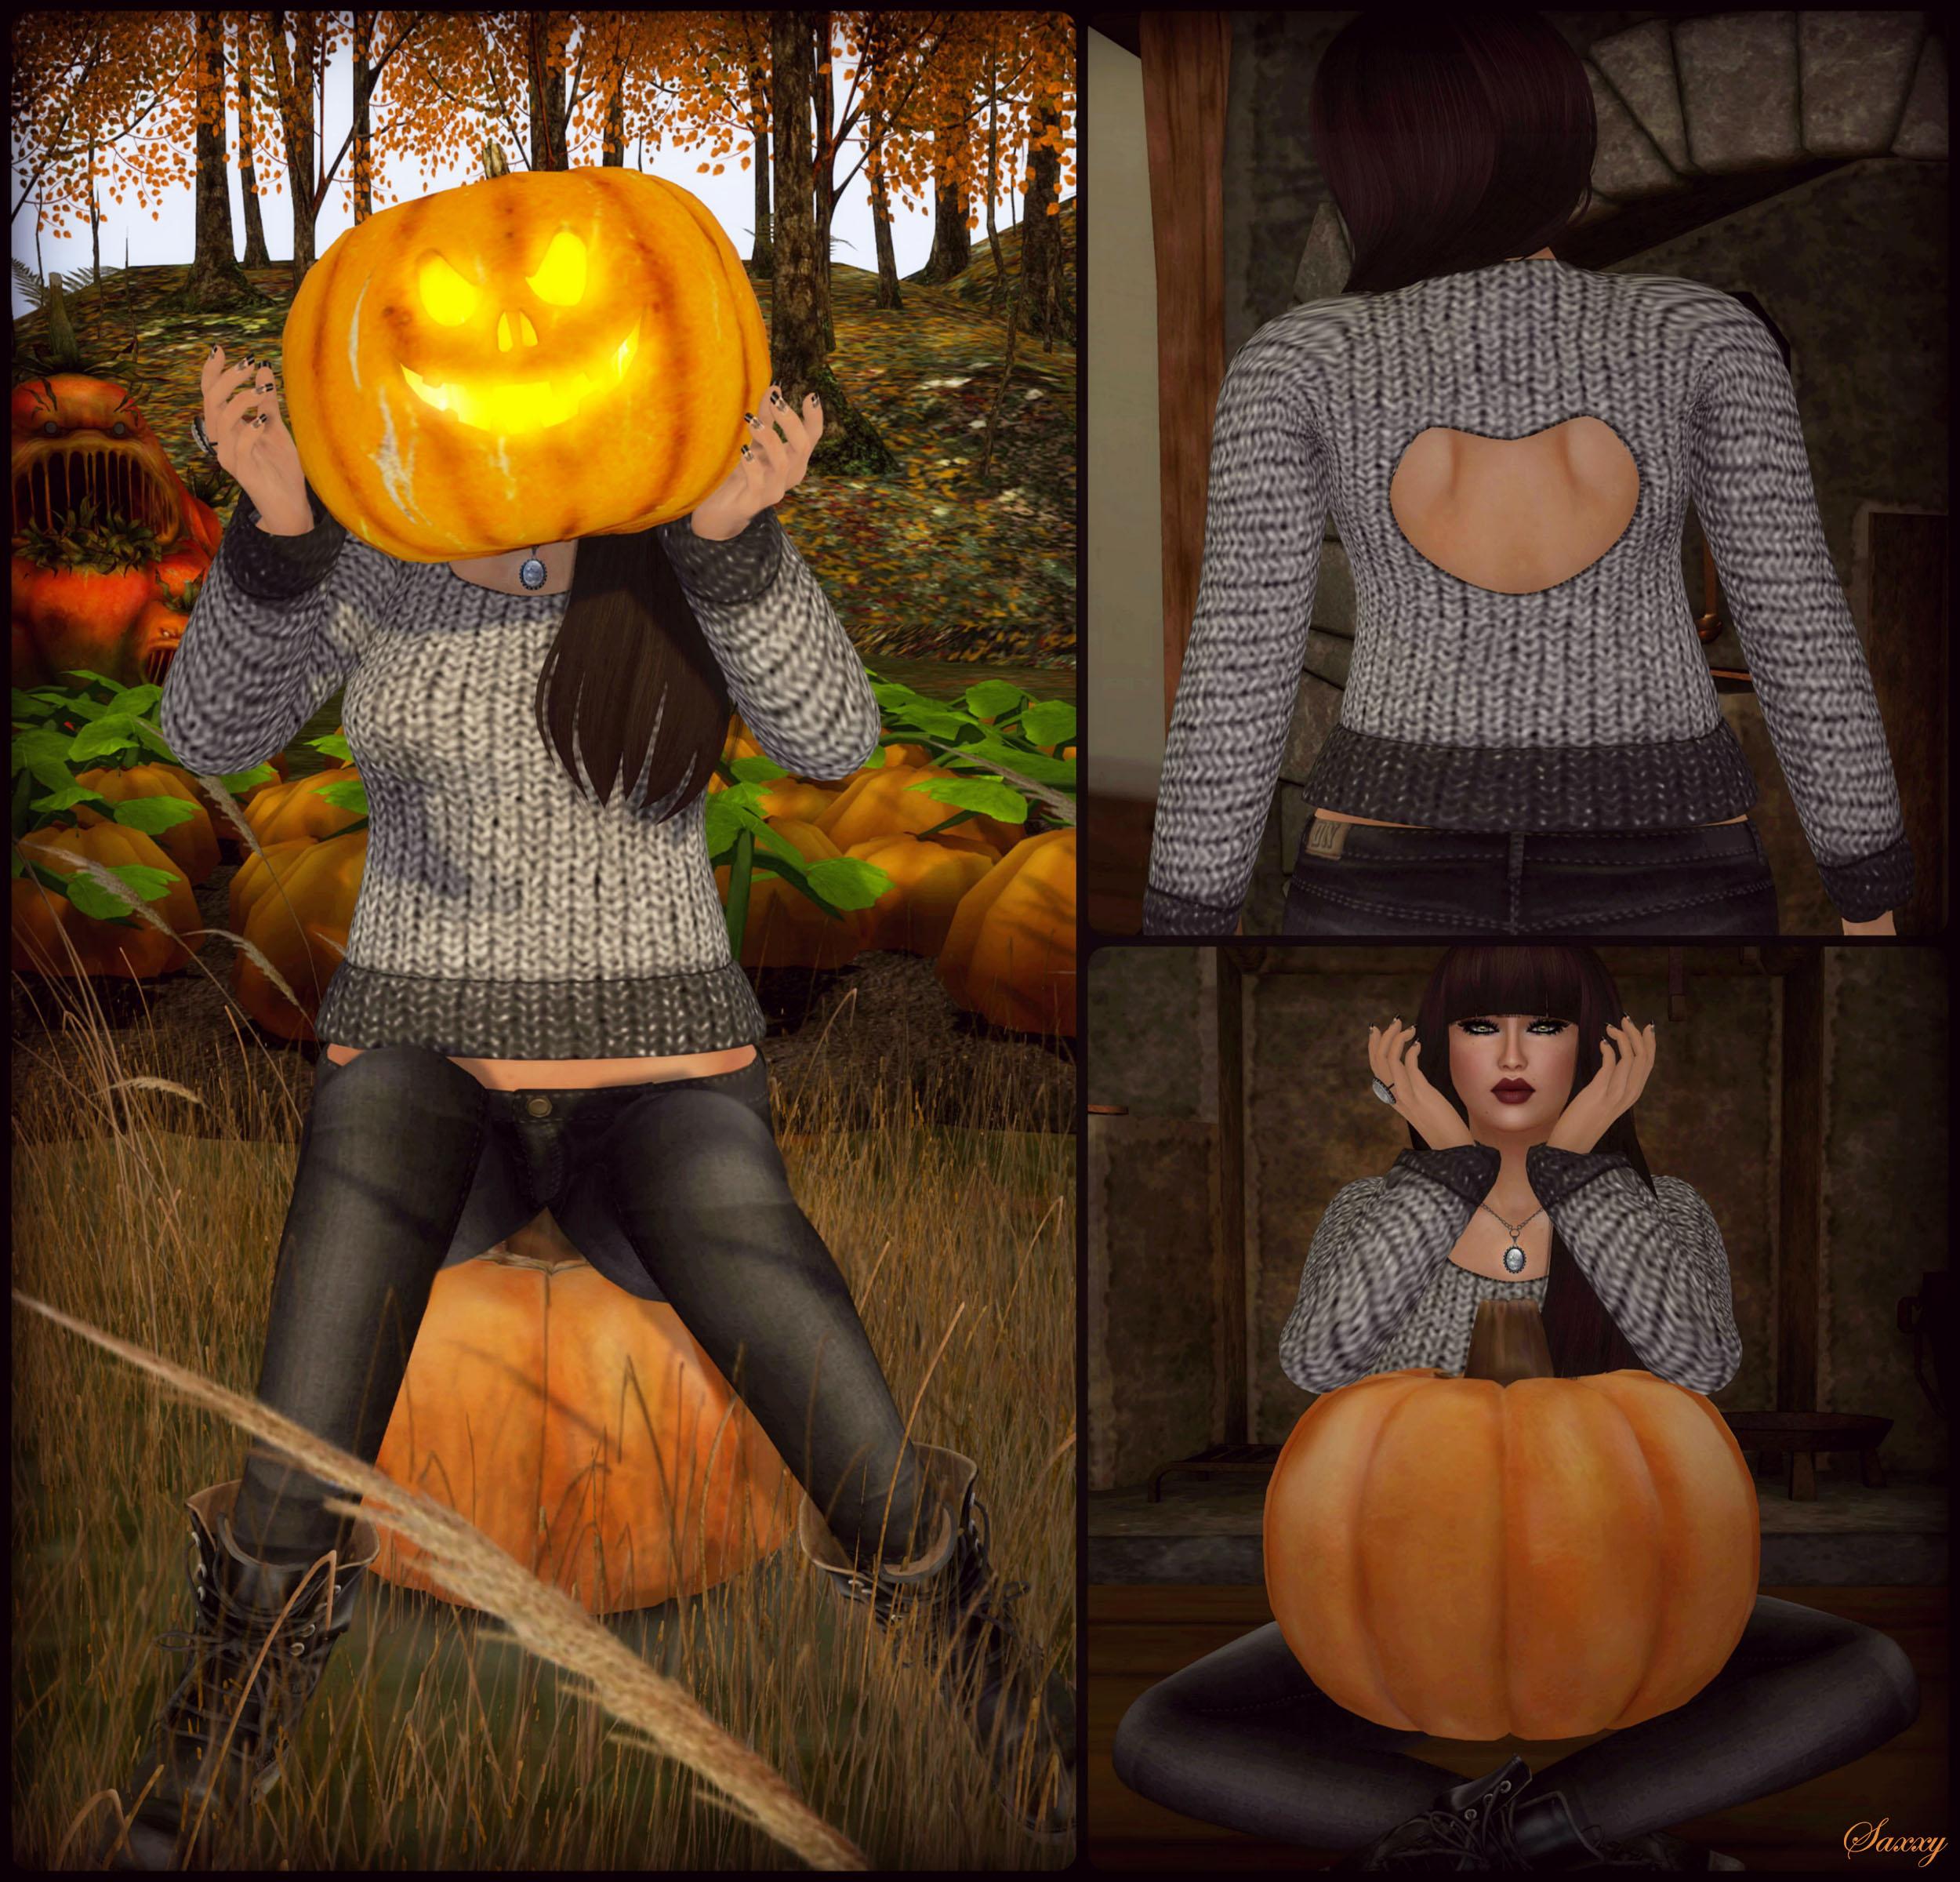 Pumpkins & a Sweetheart